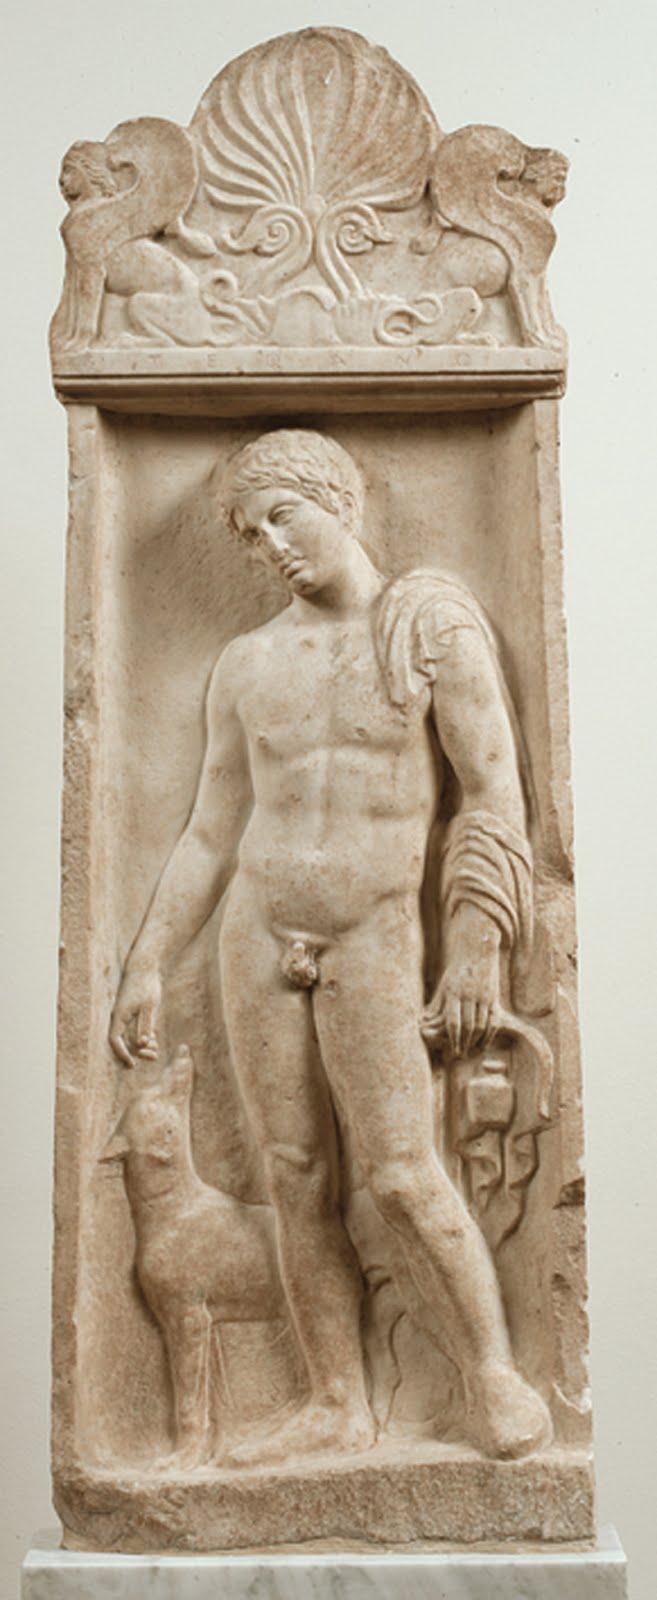 Ελαιόλαδο: το σαπούνι της αρχαιότητας